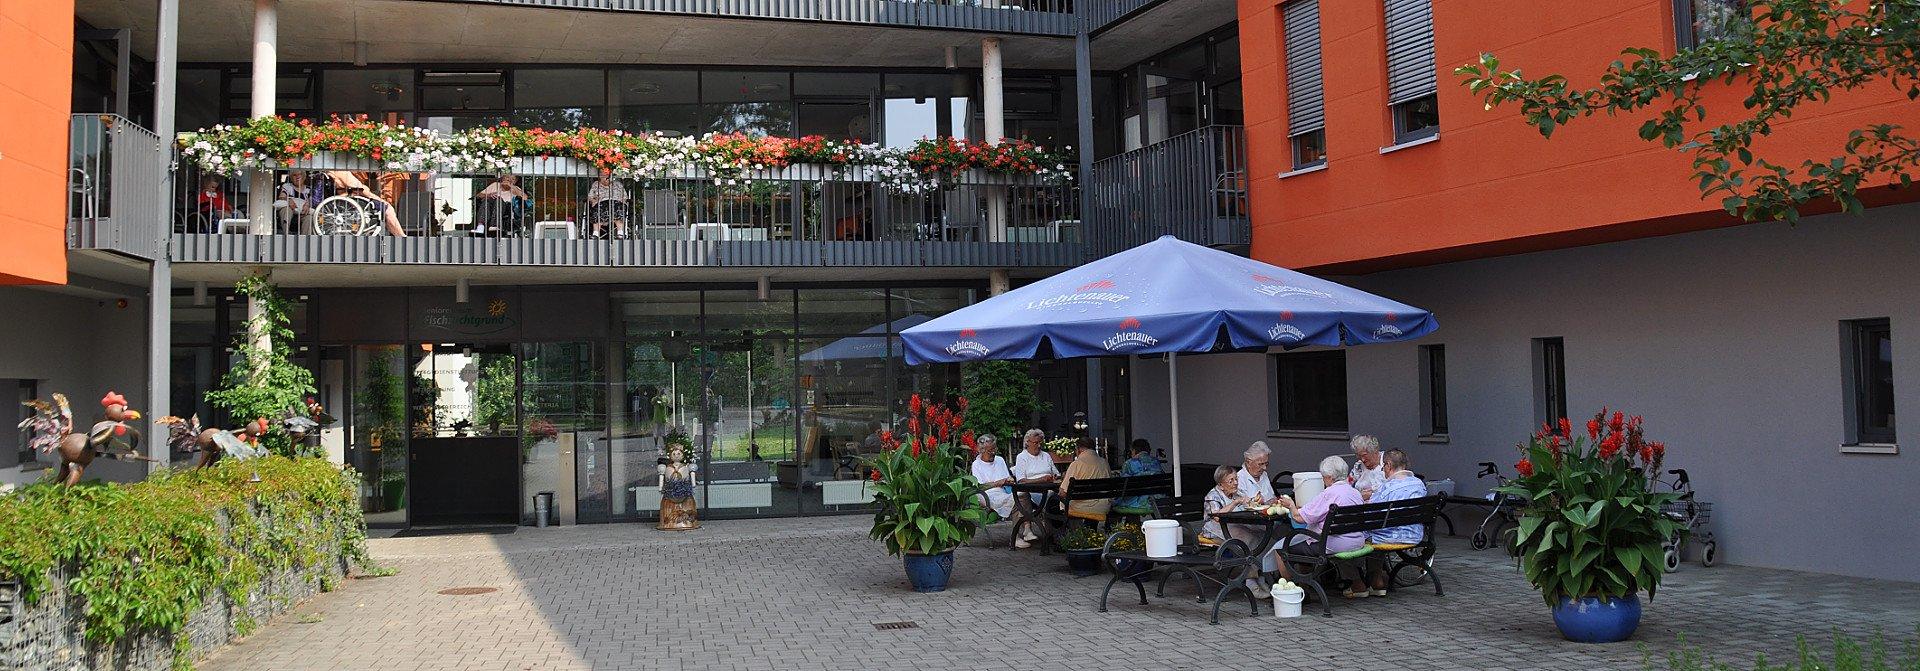 Seniorenheim Fischzuchtgrund Chemnitz Einsiedel